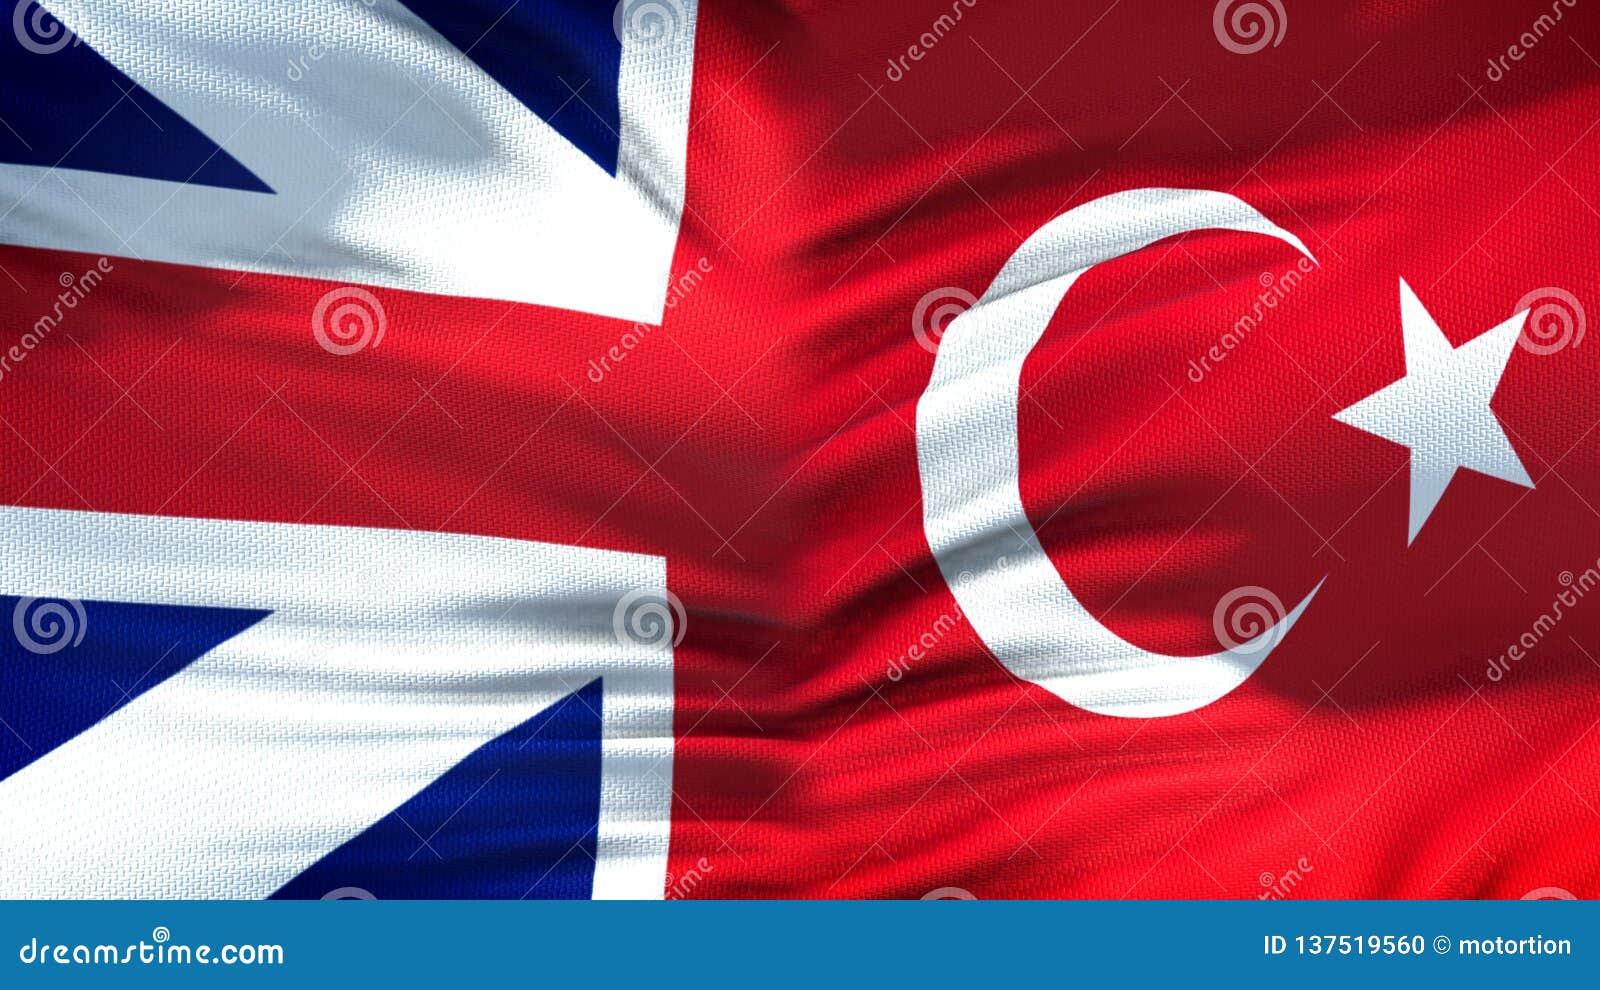 Relaciones del fondo de las banderas de Gran Bretaña y de Turquía, diplomáticas y económicas